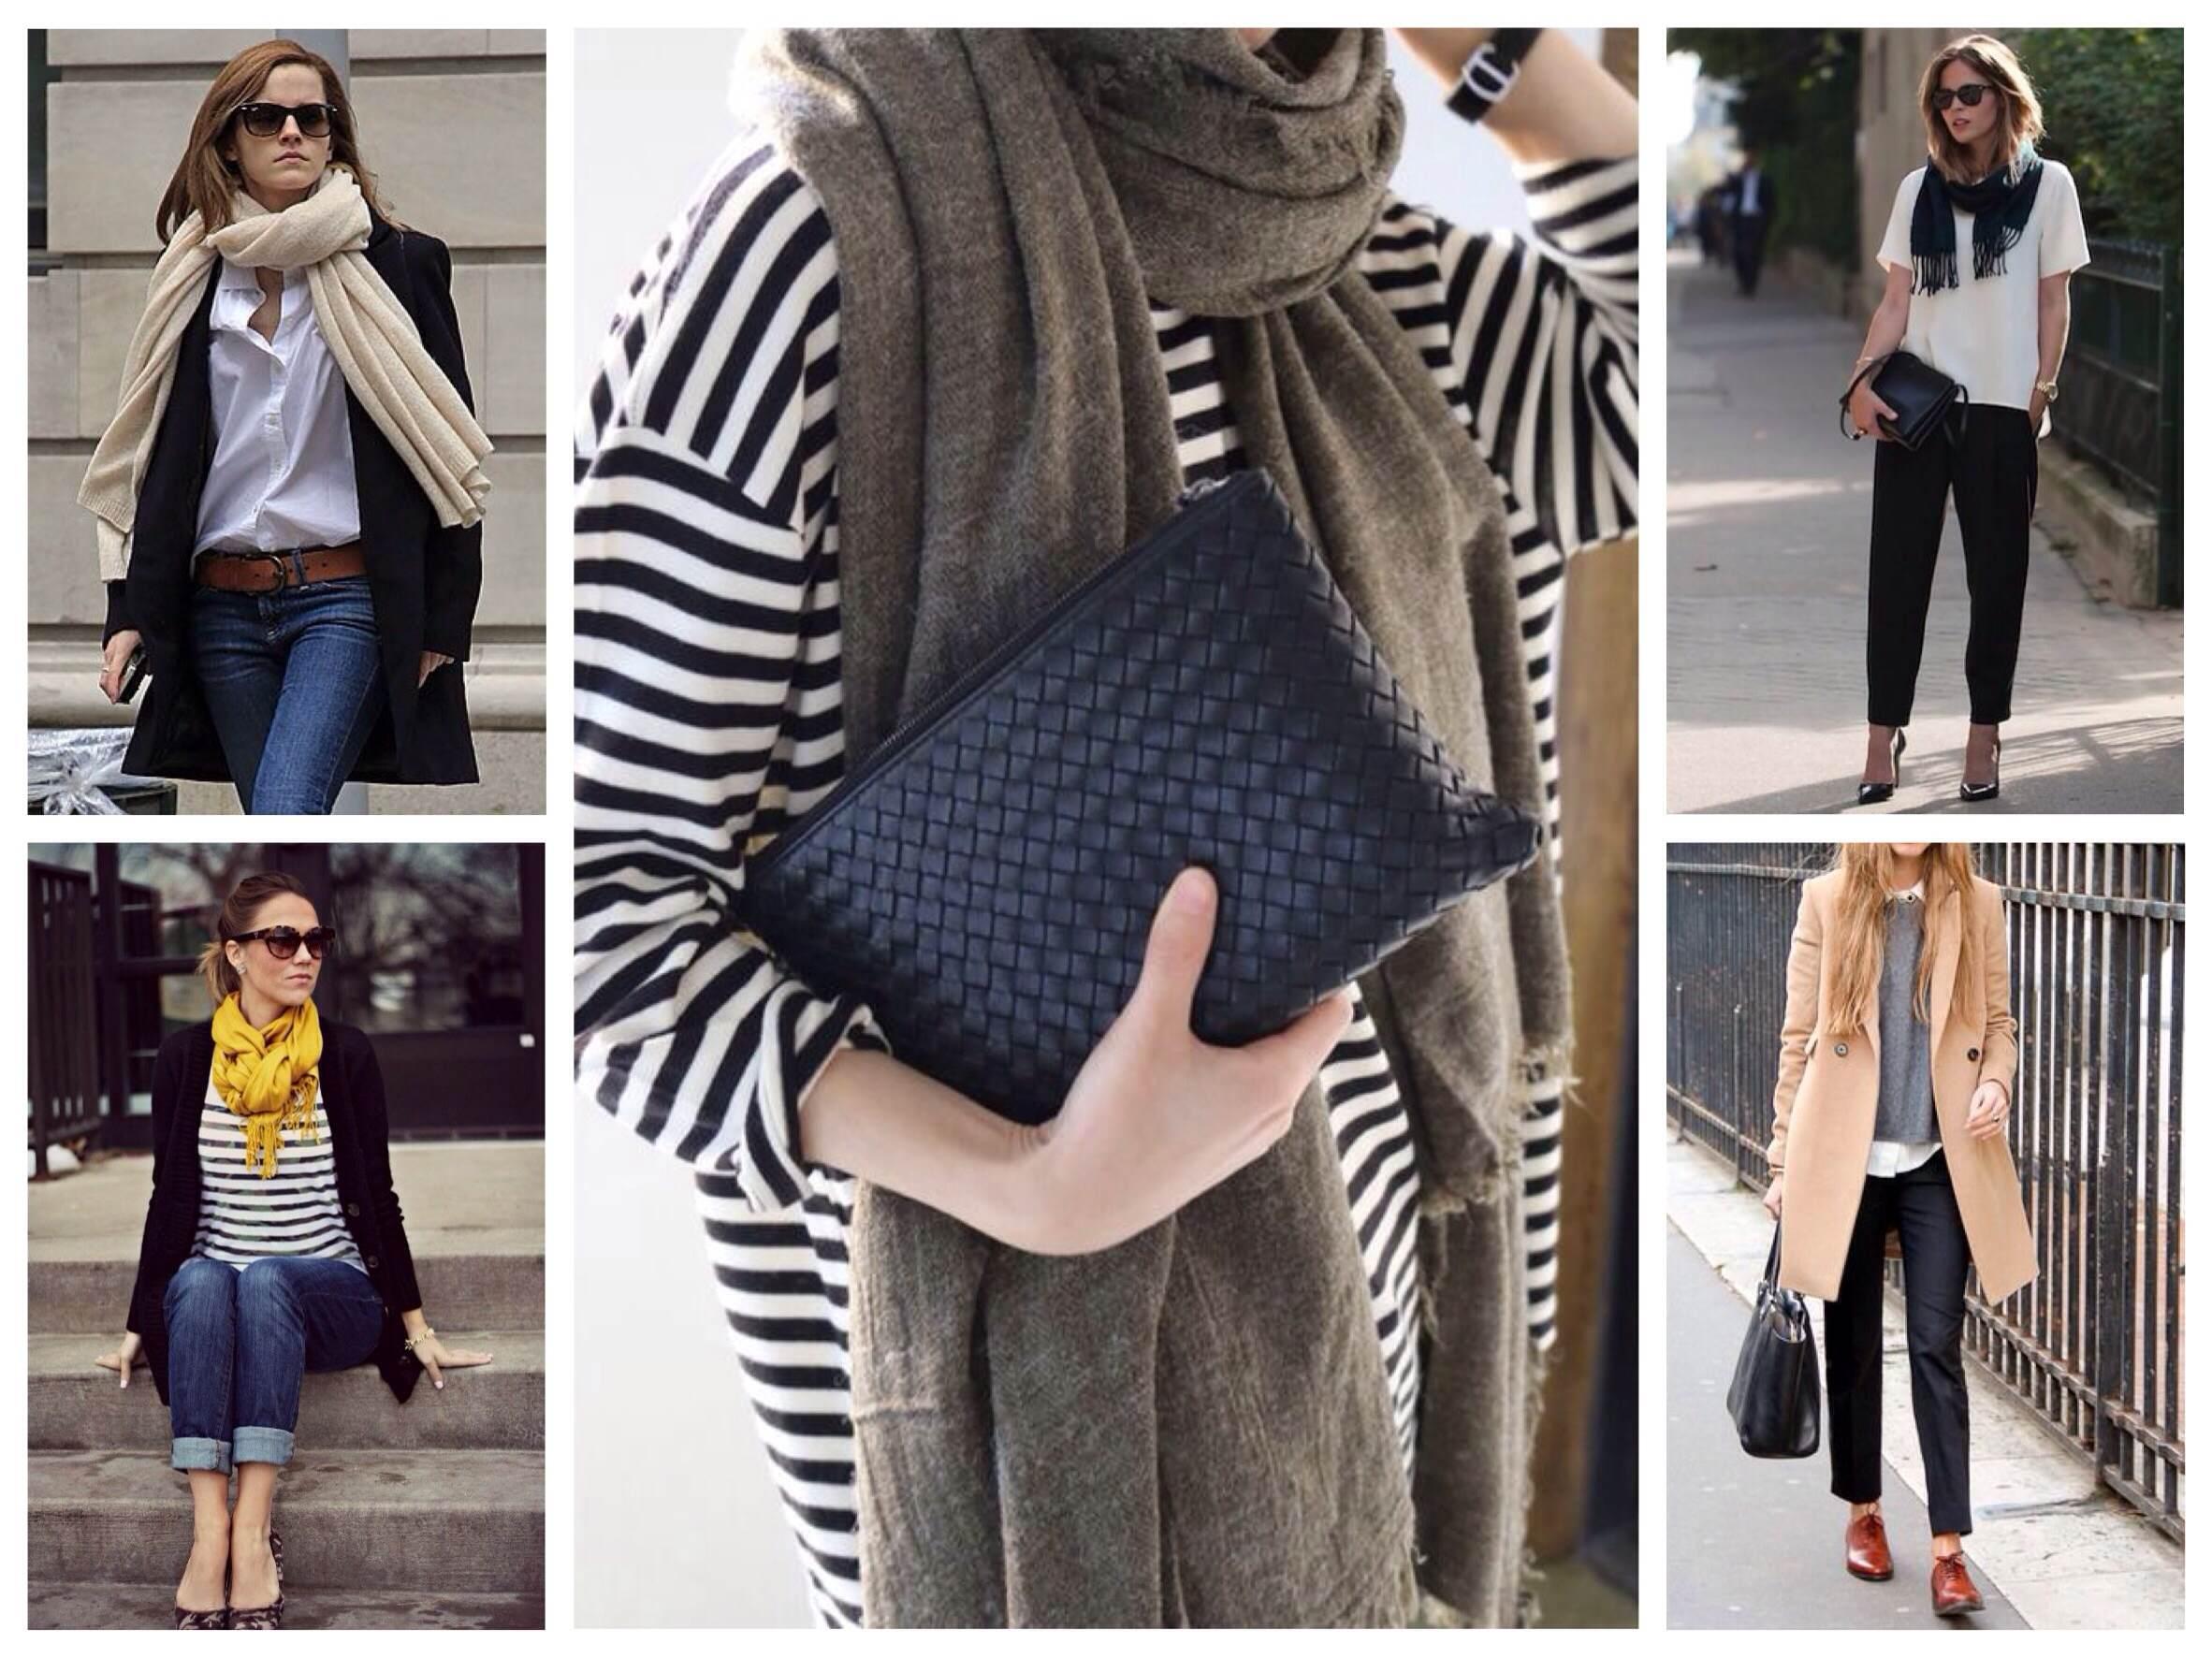 15 модных осенних вещей, которые должны быть в гардеробе невысокой девушки картинки